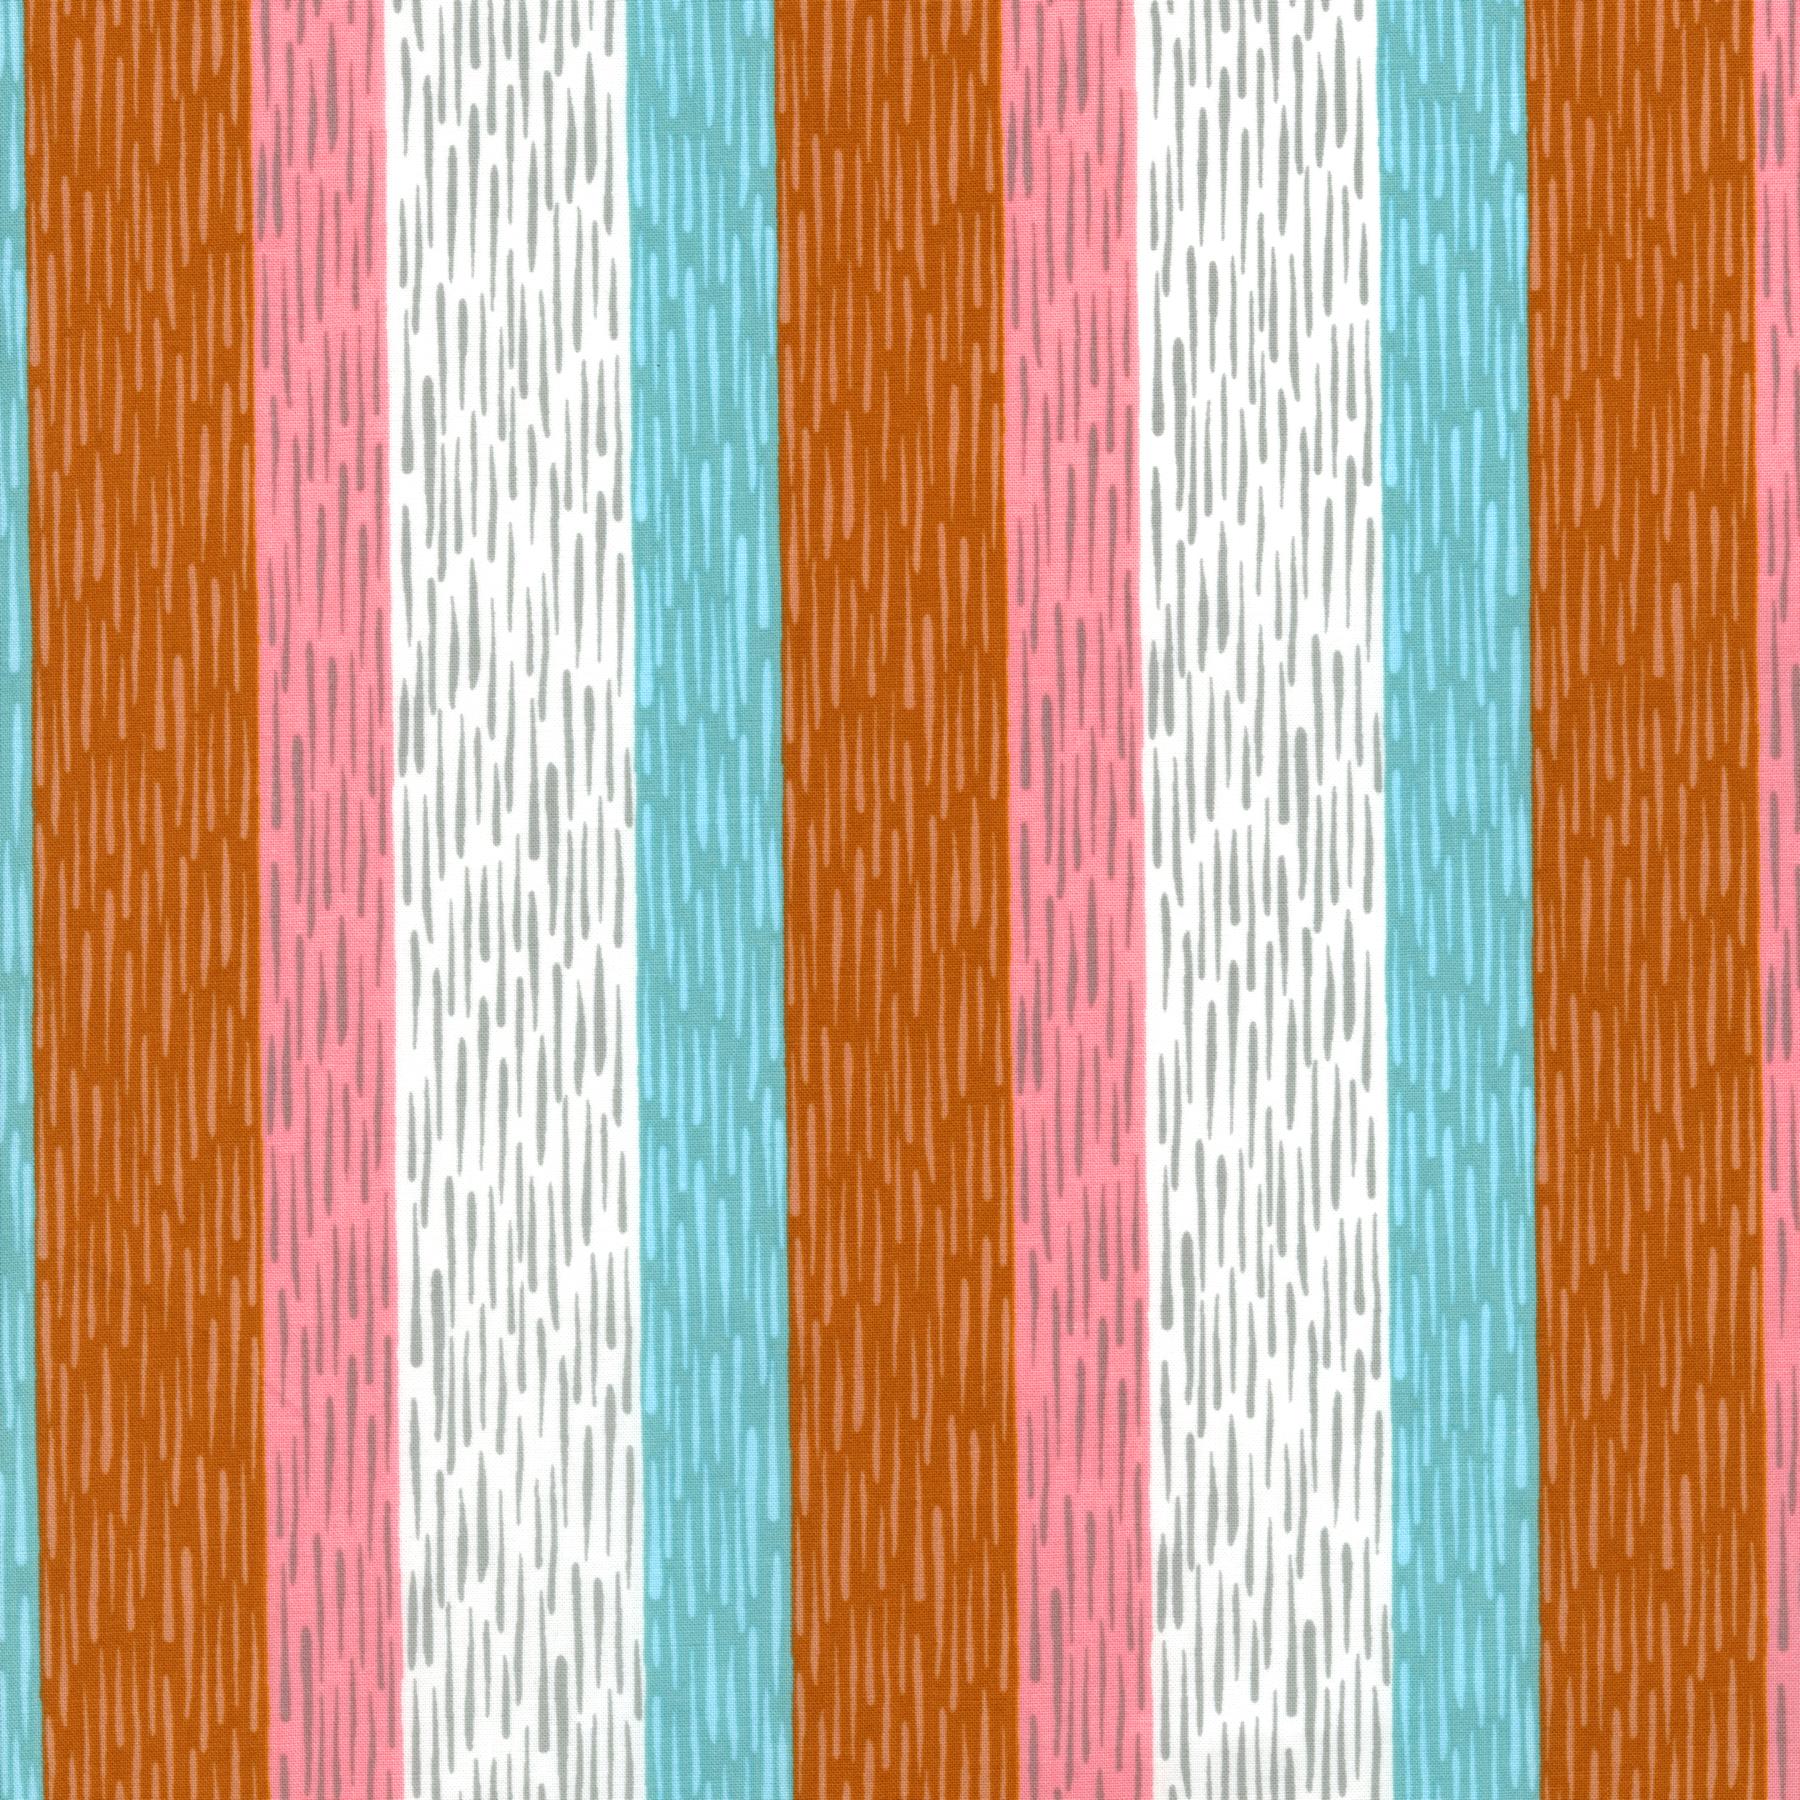 3002-001.paneling.pink